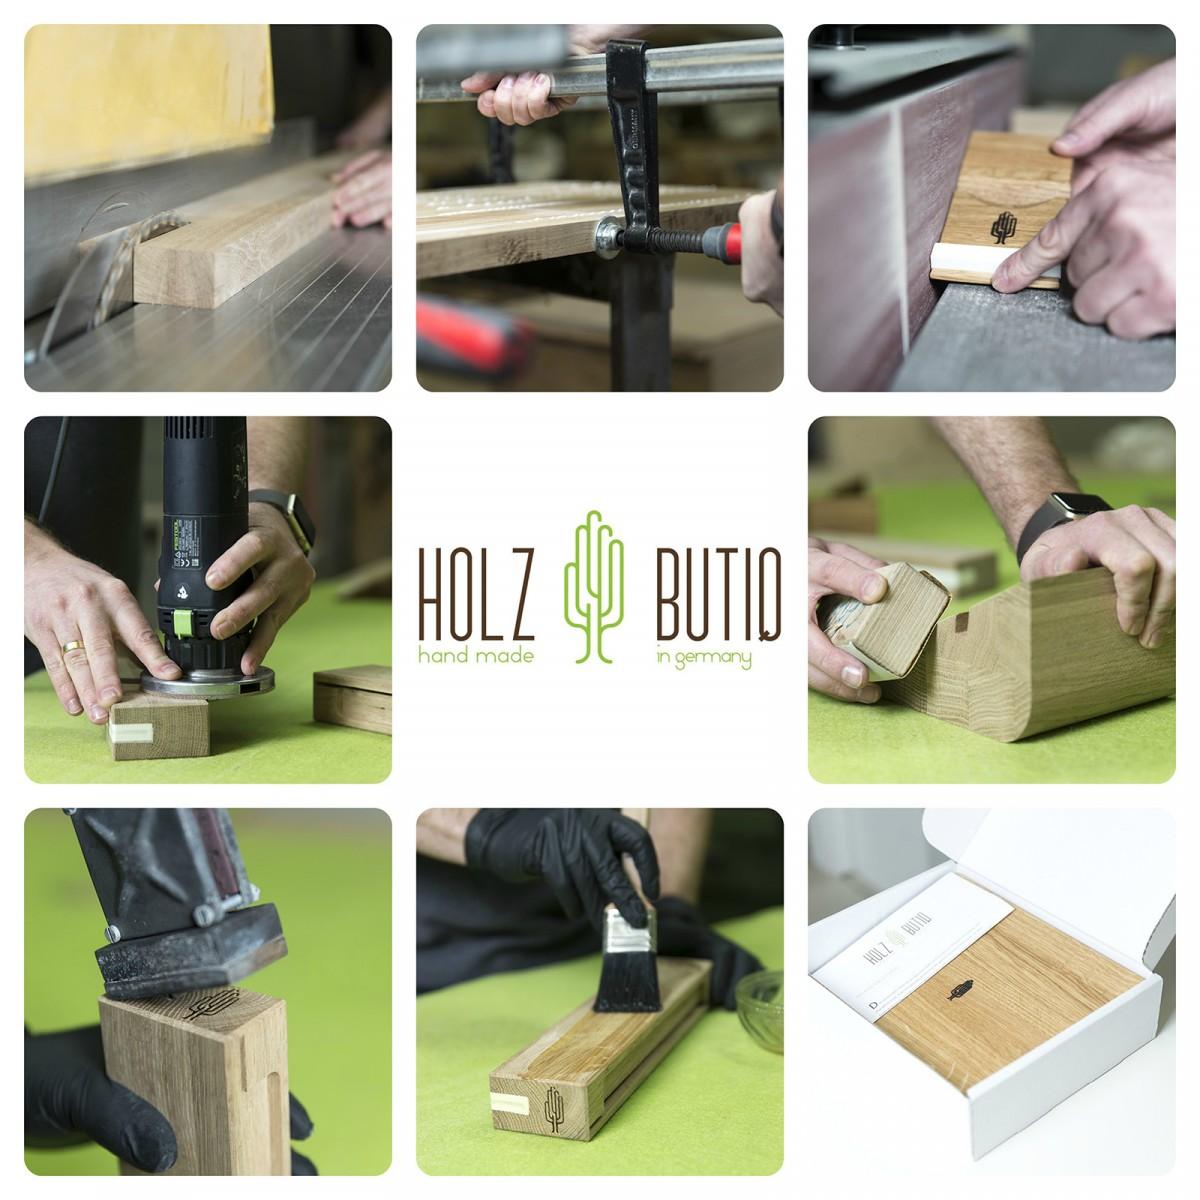 Bildhalter kadro aero, Bildhalterung Wand | Bilderhalter aus Holz | Holzbutiq